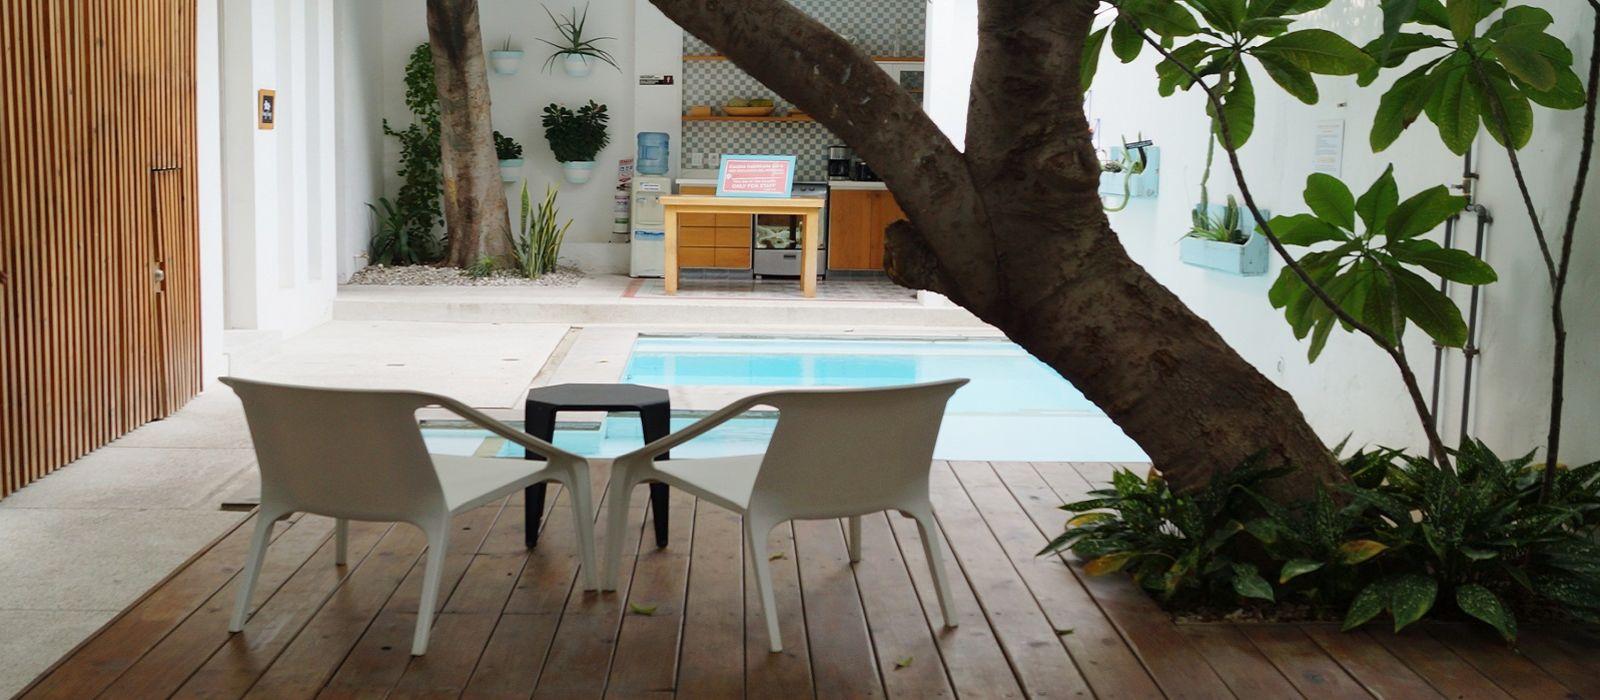 Hotel La Casa del Patio Colombia